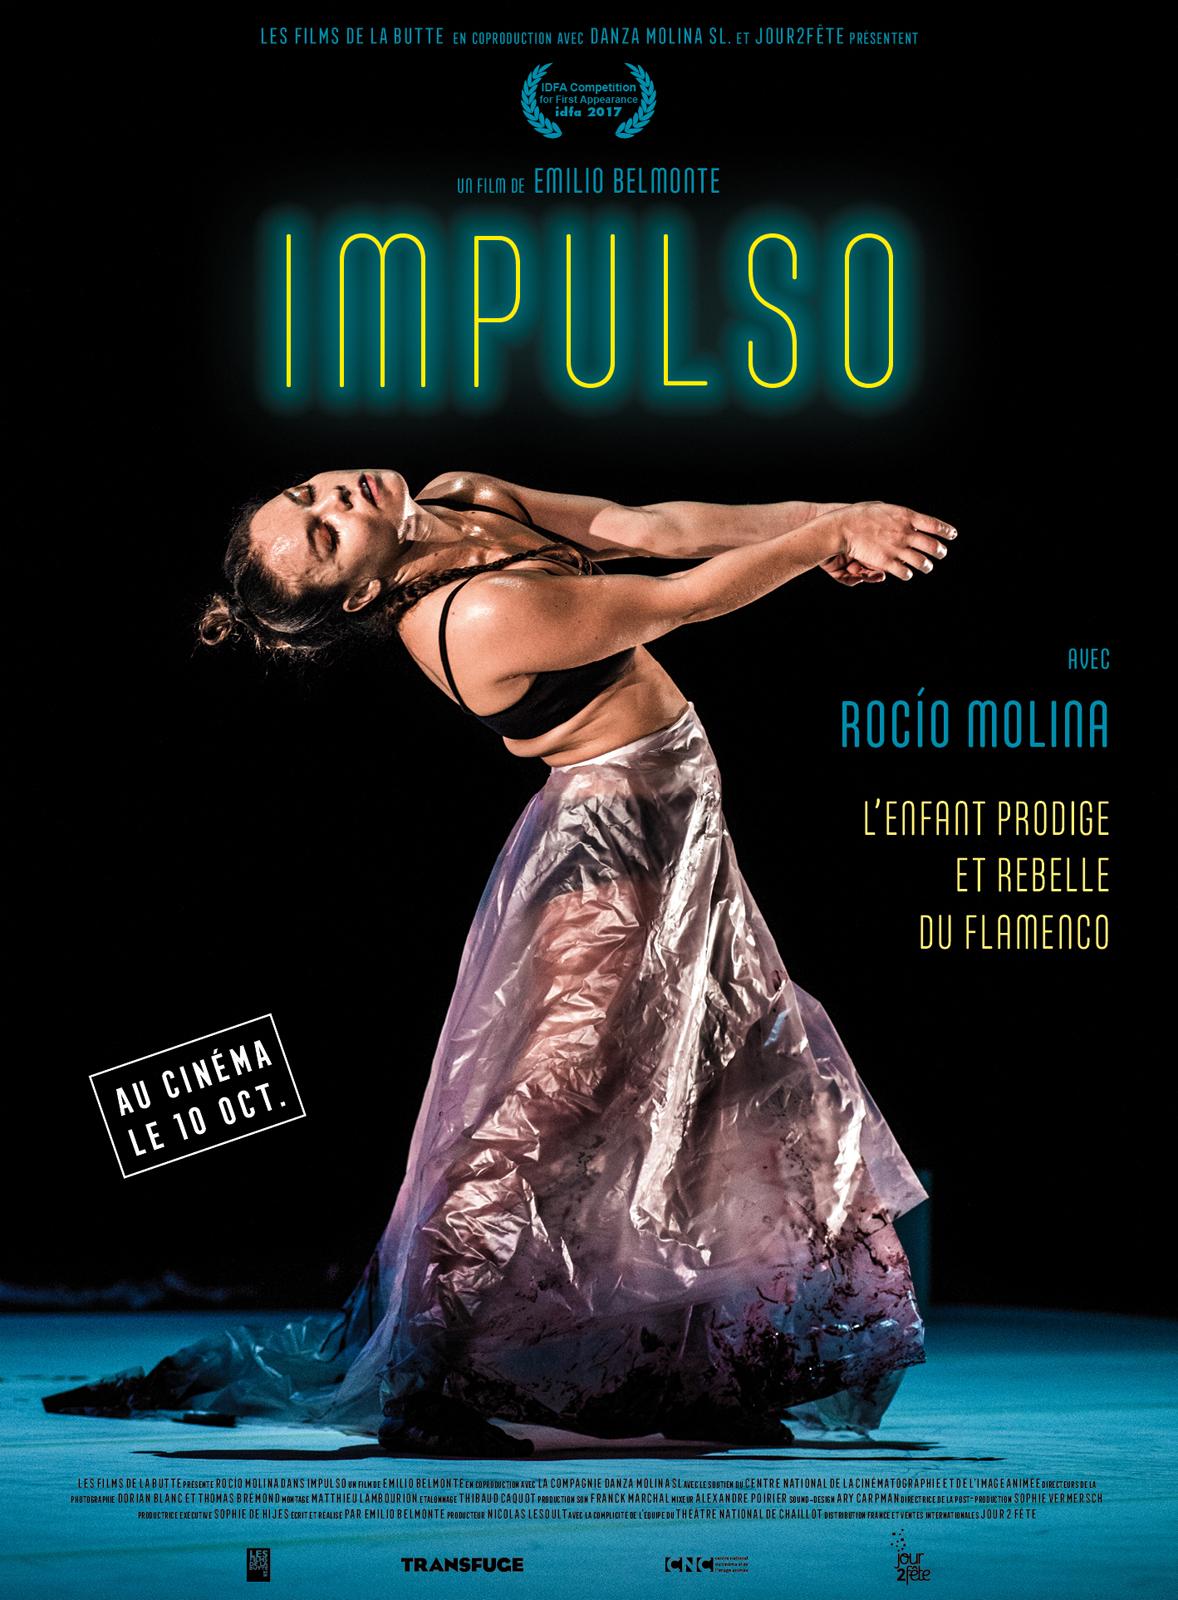 Image du film Impulso